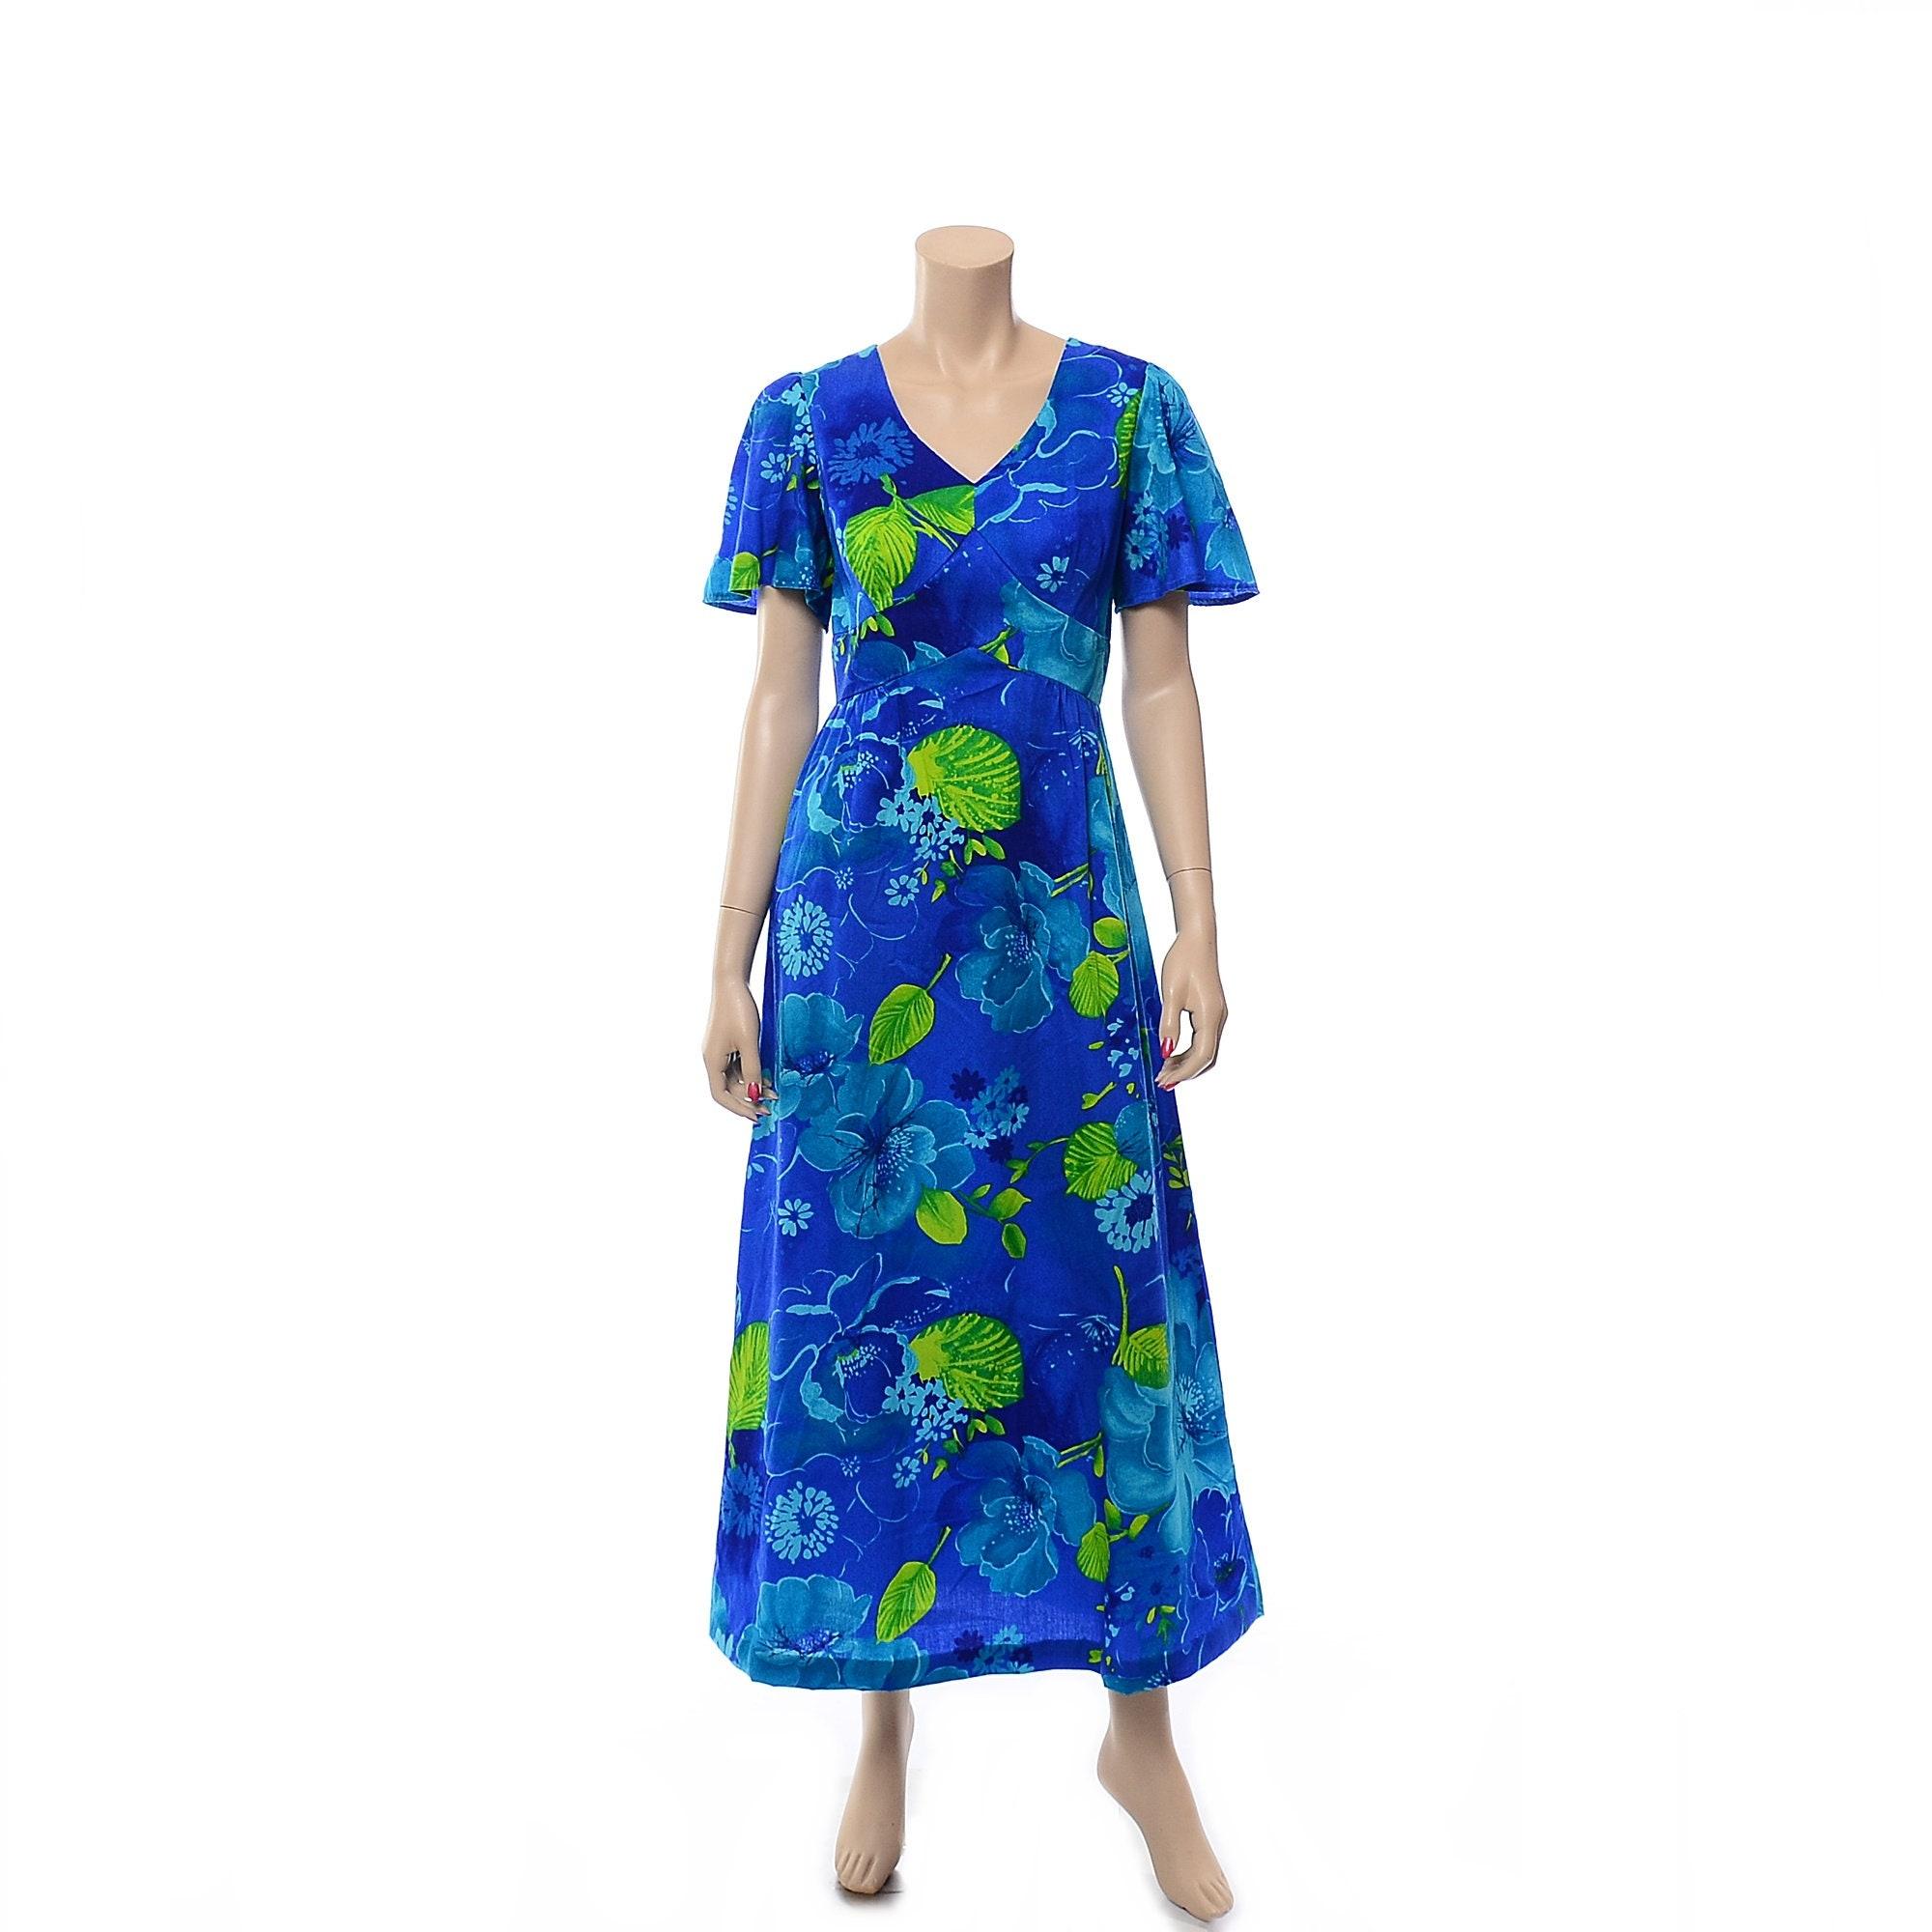 63a651fd589 Where To Buy Floral Hawaiian Dress - Data Dynamic AG